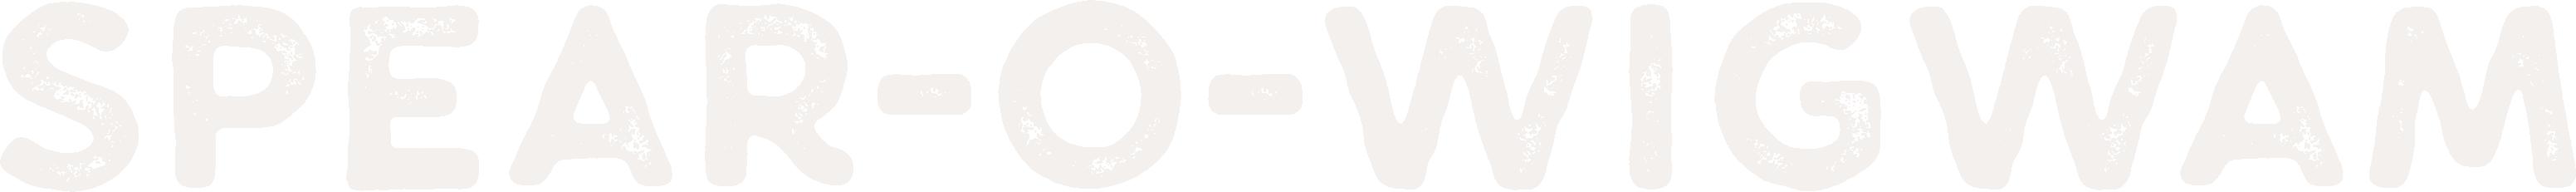 Spear-O-Wigwam